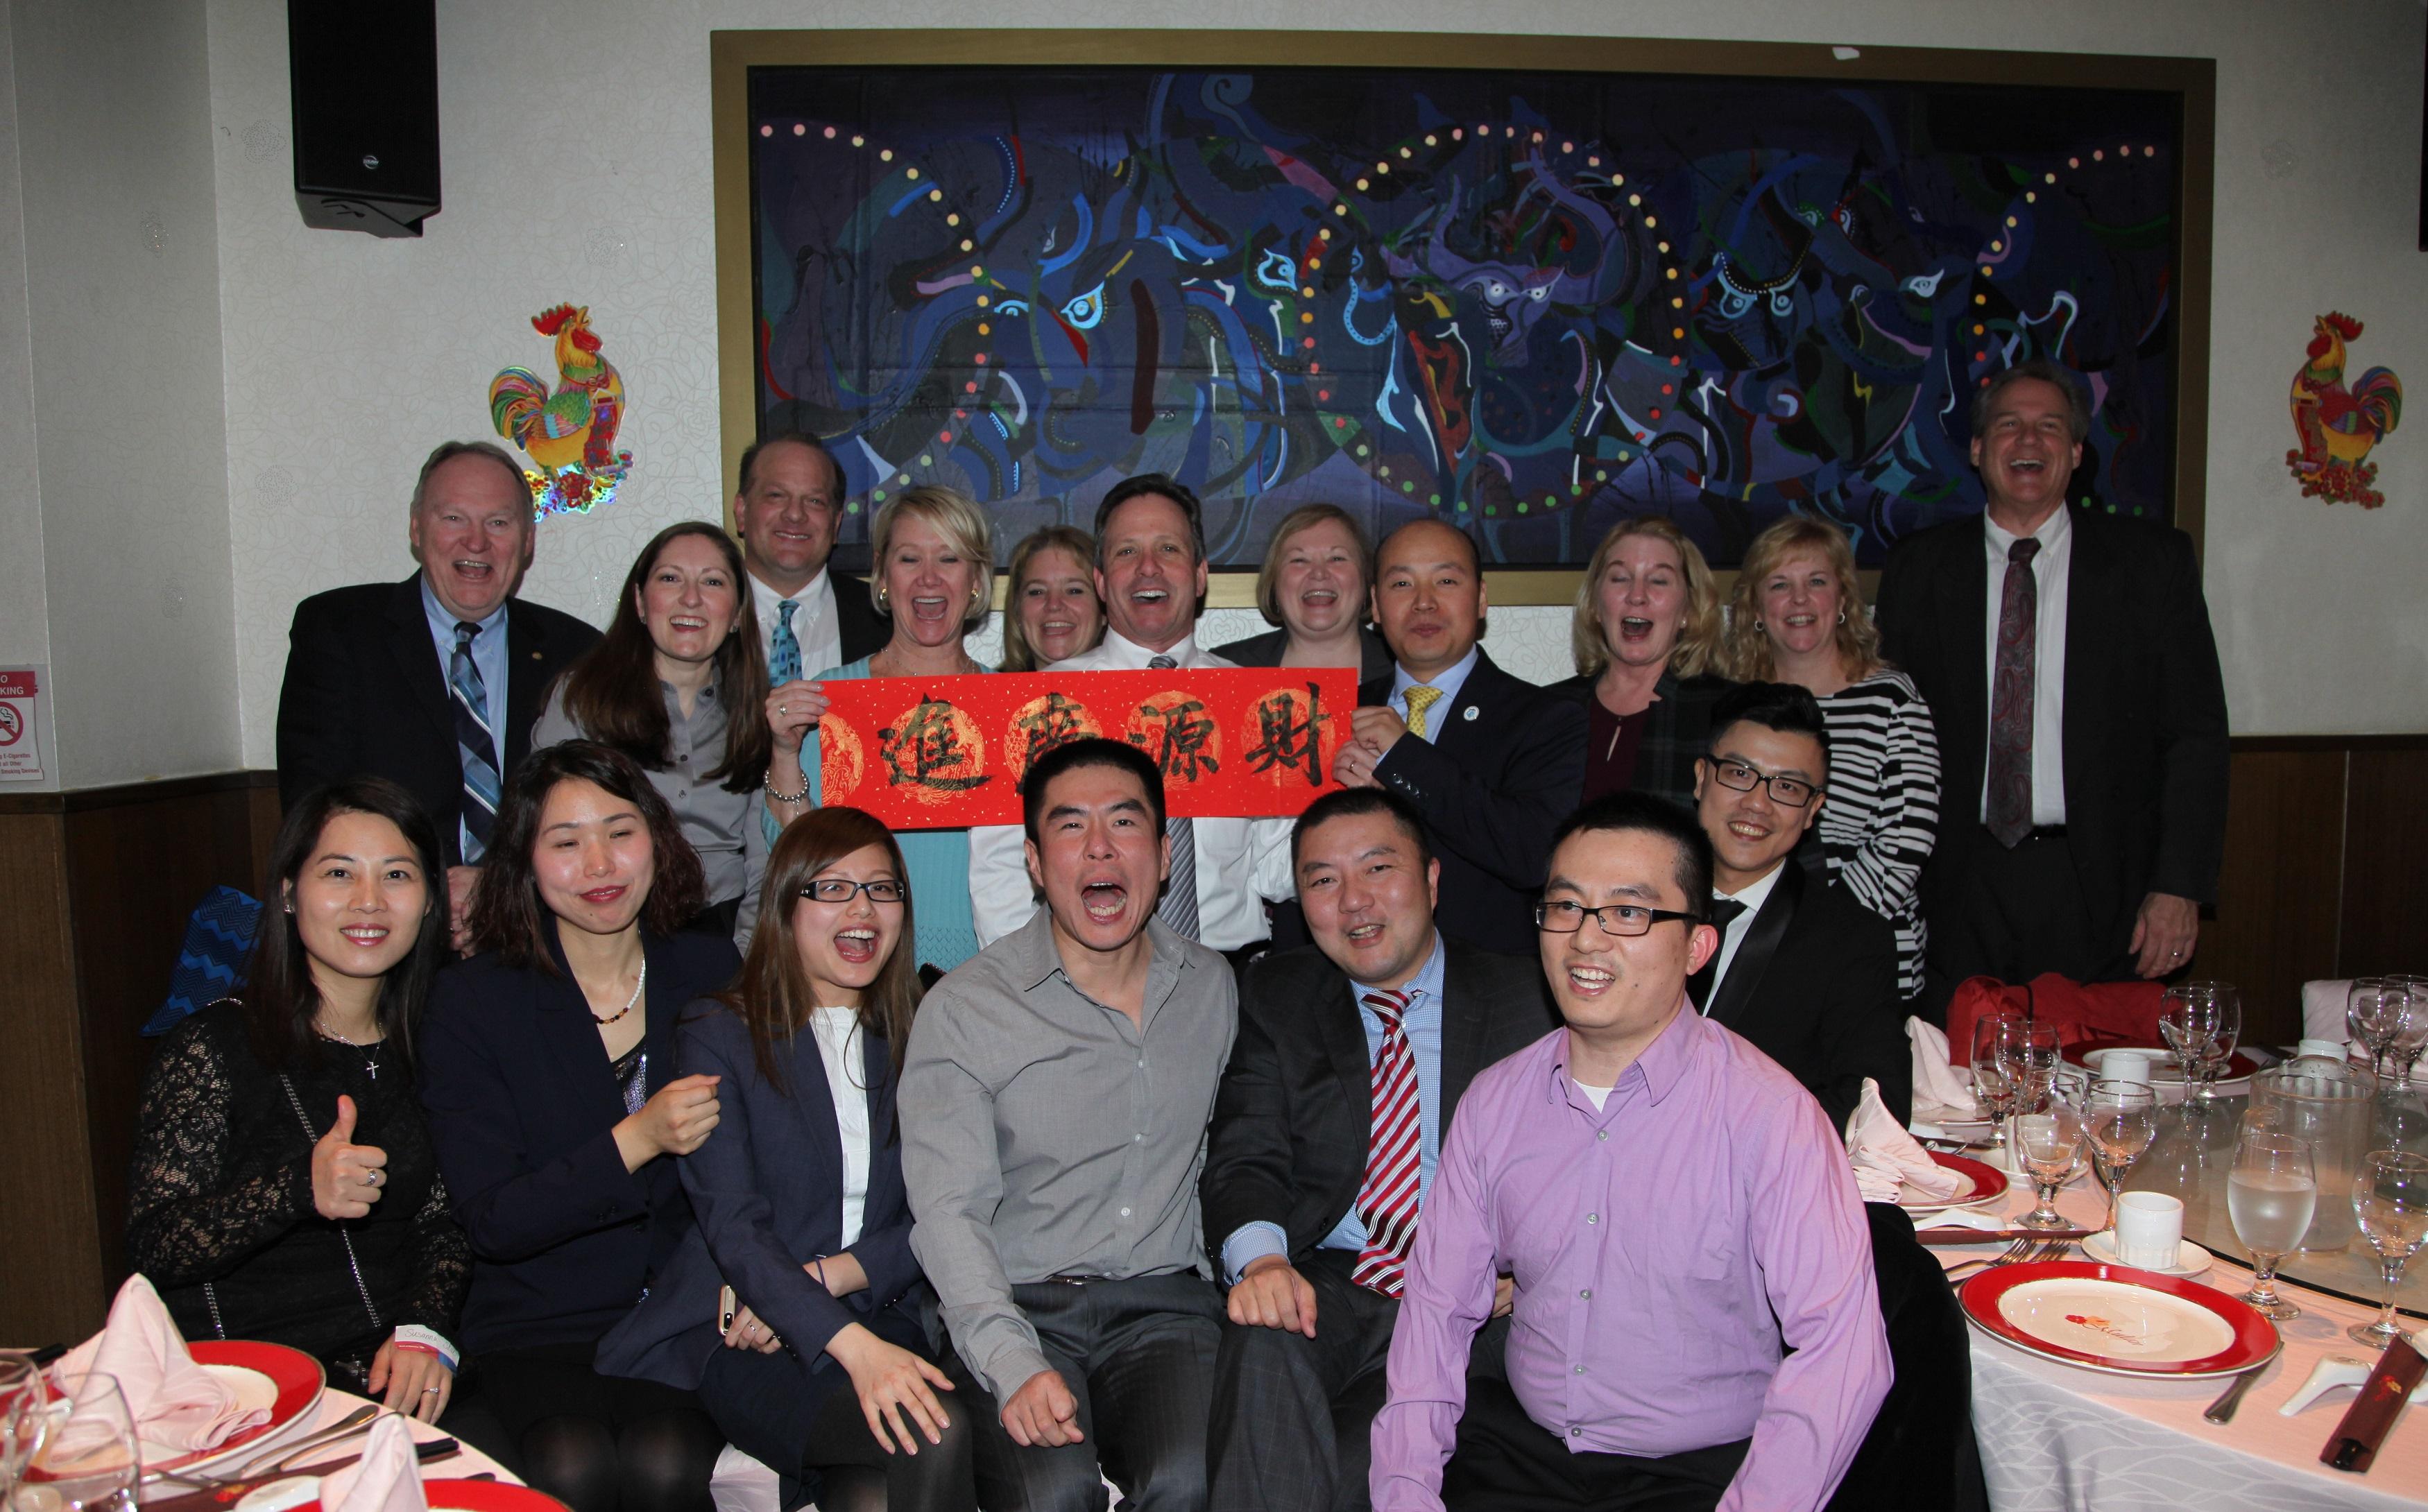 堪萨斯城人寿 2/8 法拉盛木兰餐厅举办庆功年会